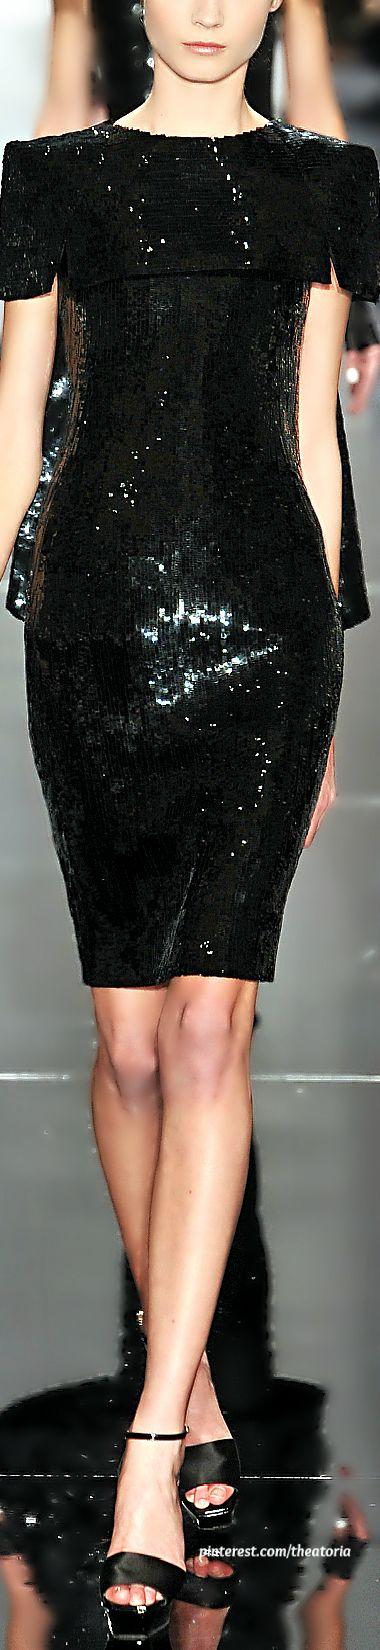 Robe de soiree noire chanel